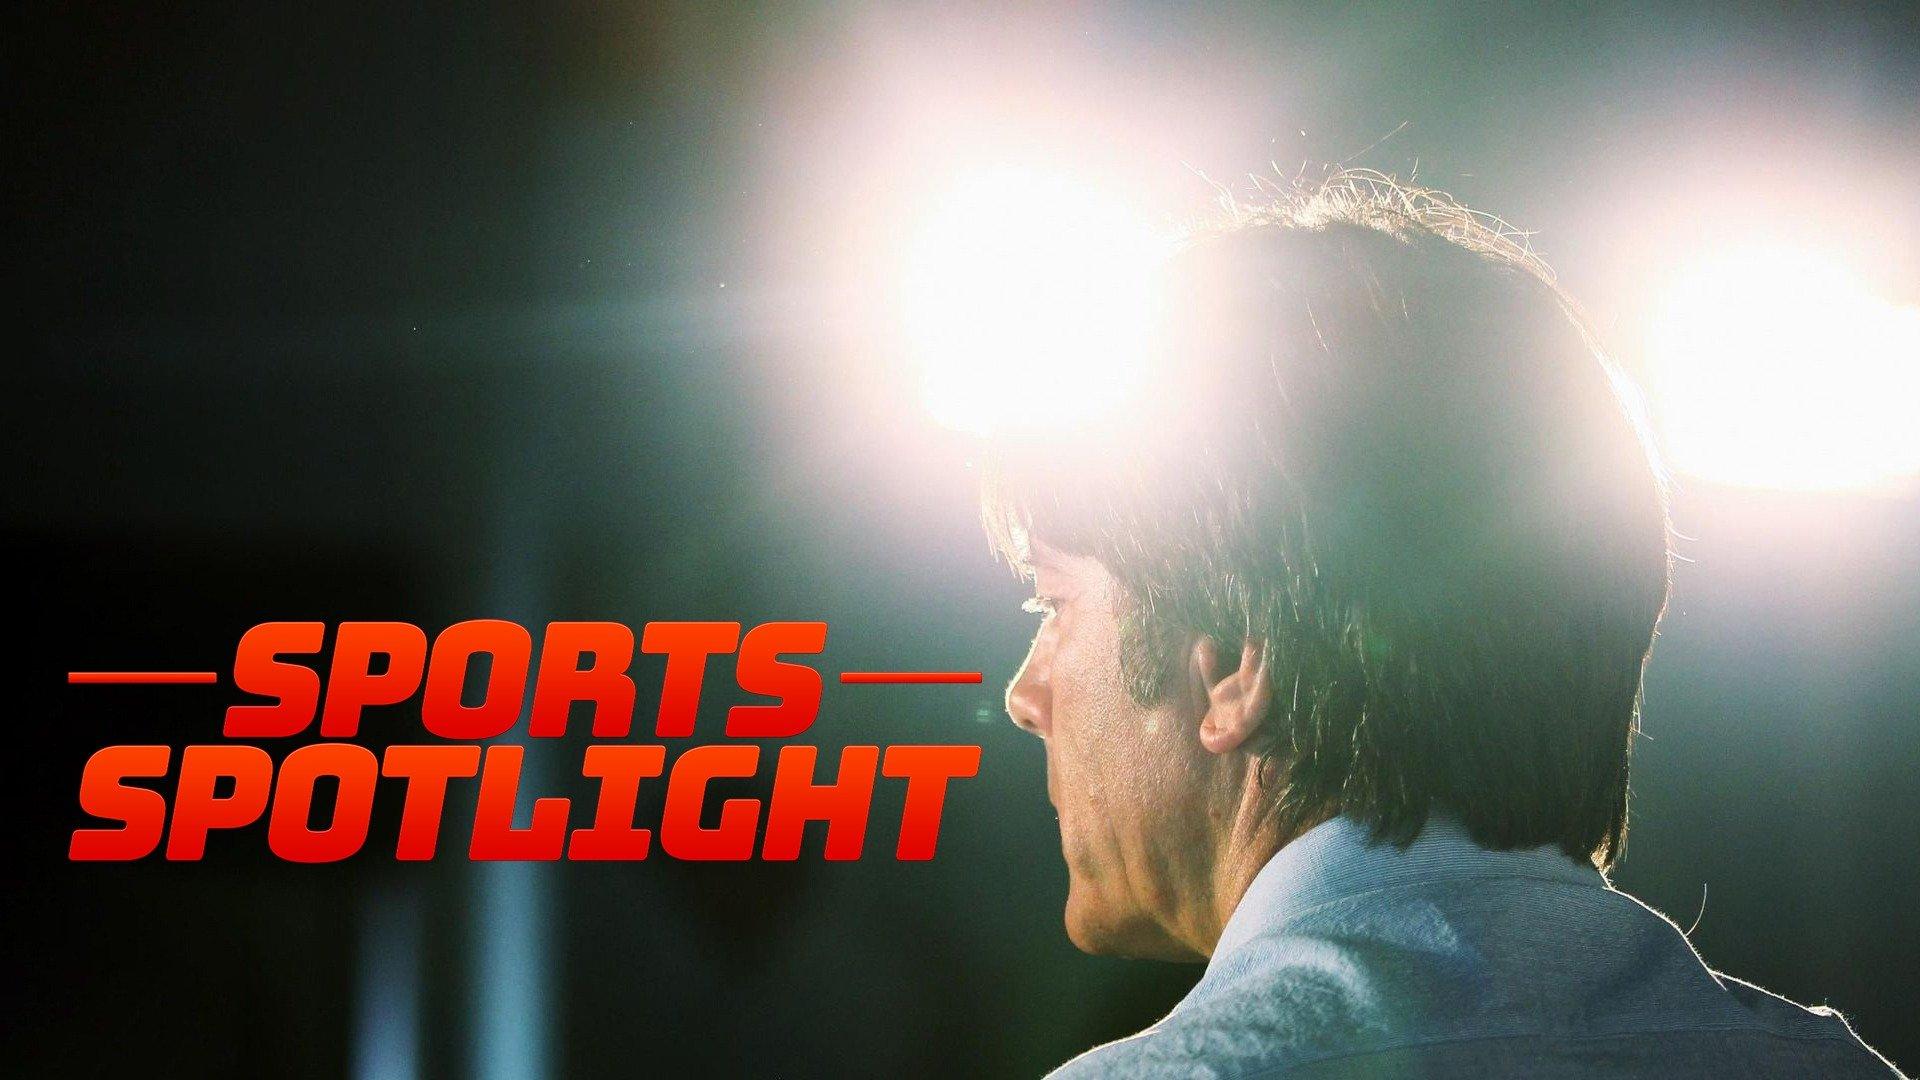 sports spotlight